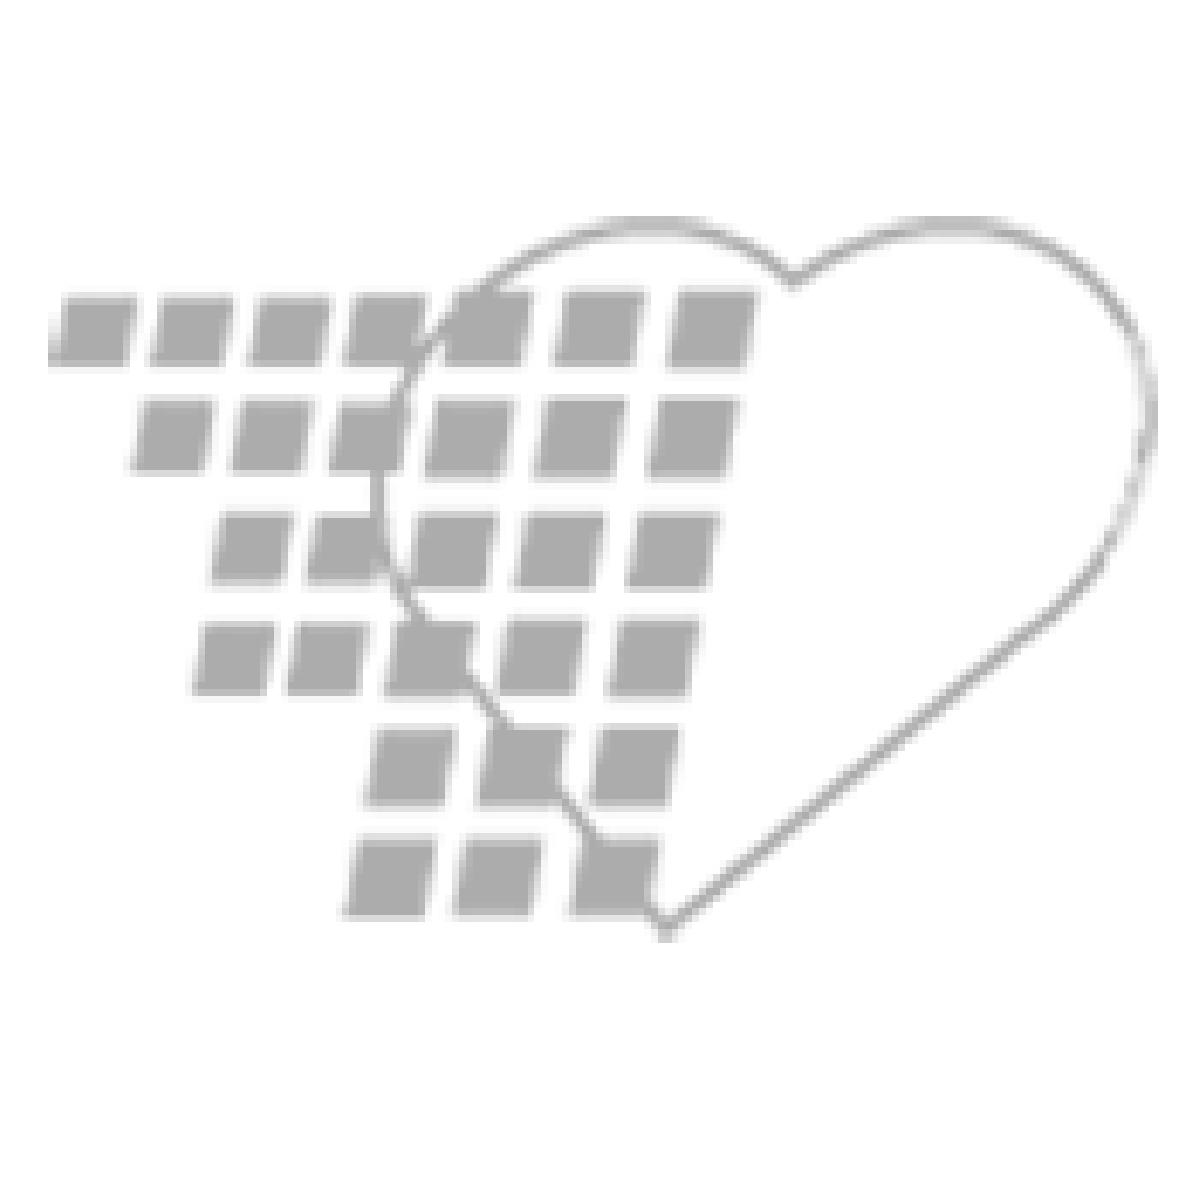 02-19-0324 - Quickvue Influenza Test Kits